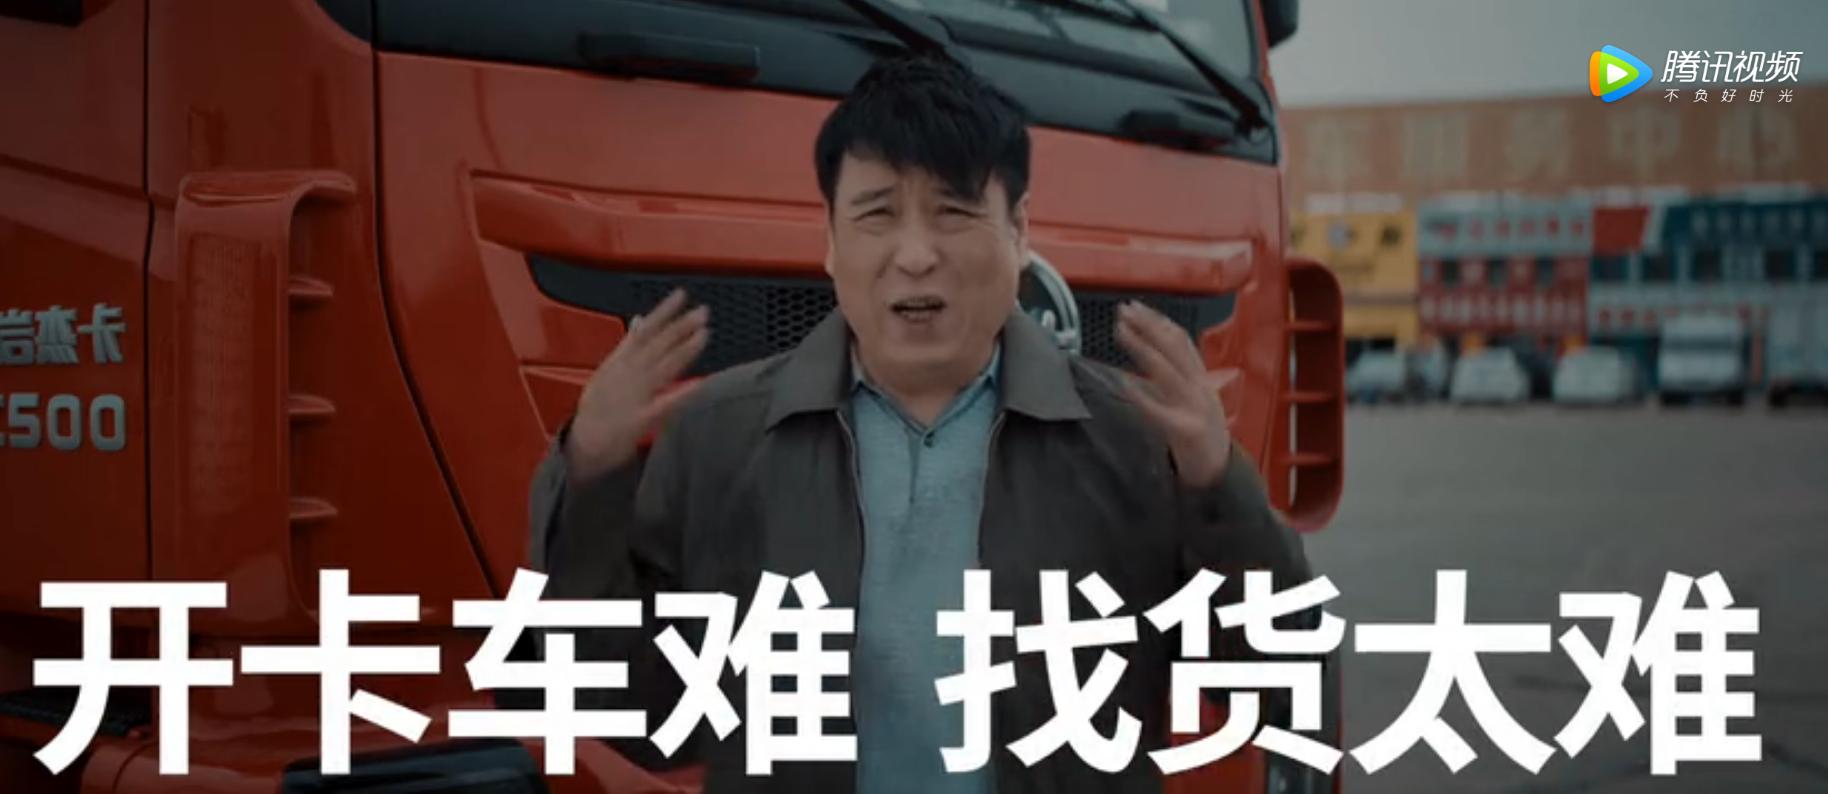 G7网络货运,如何让司机、货主、财务不再难?